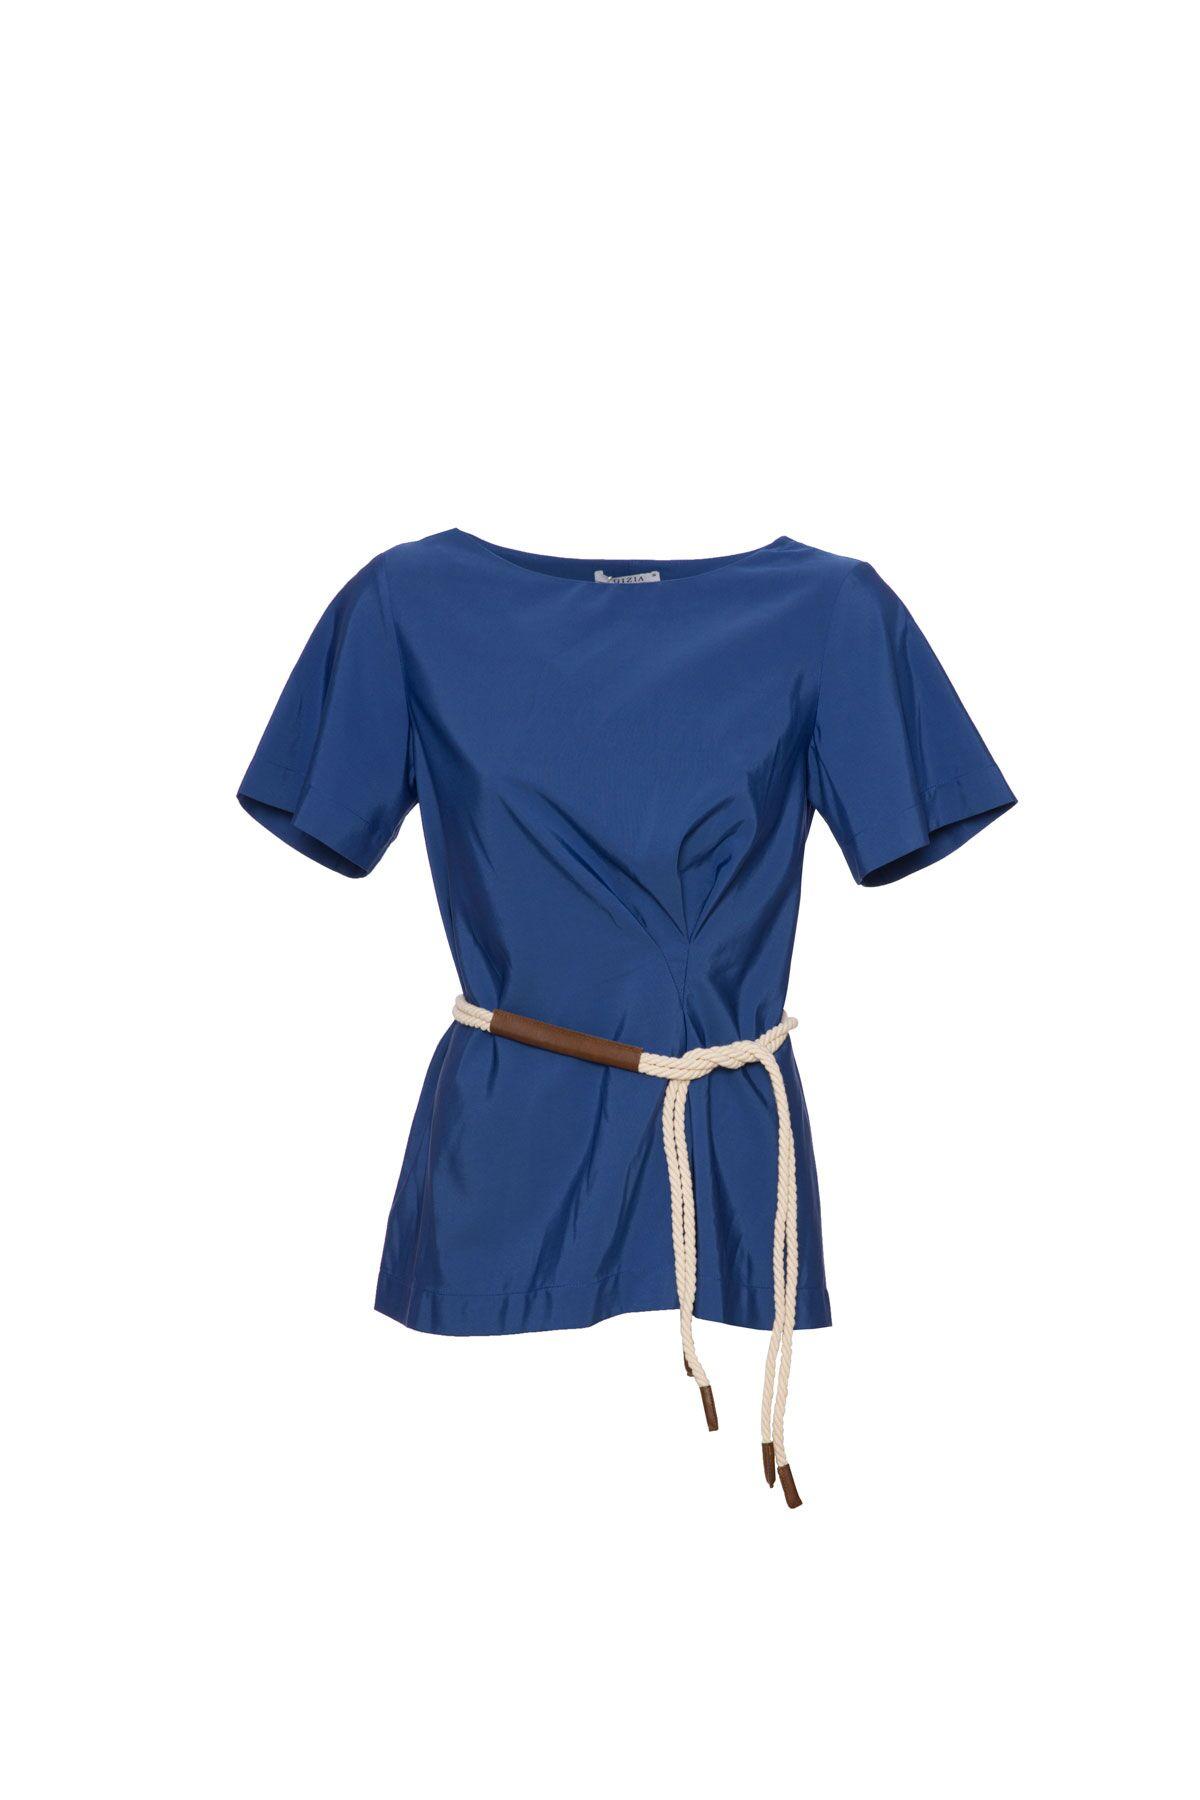 Pileli Mavi Kısa Kollu Bluz